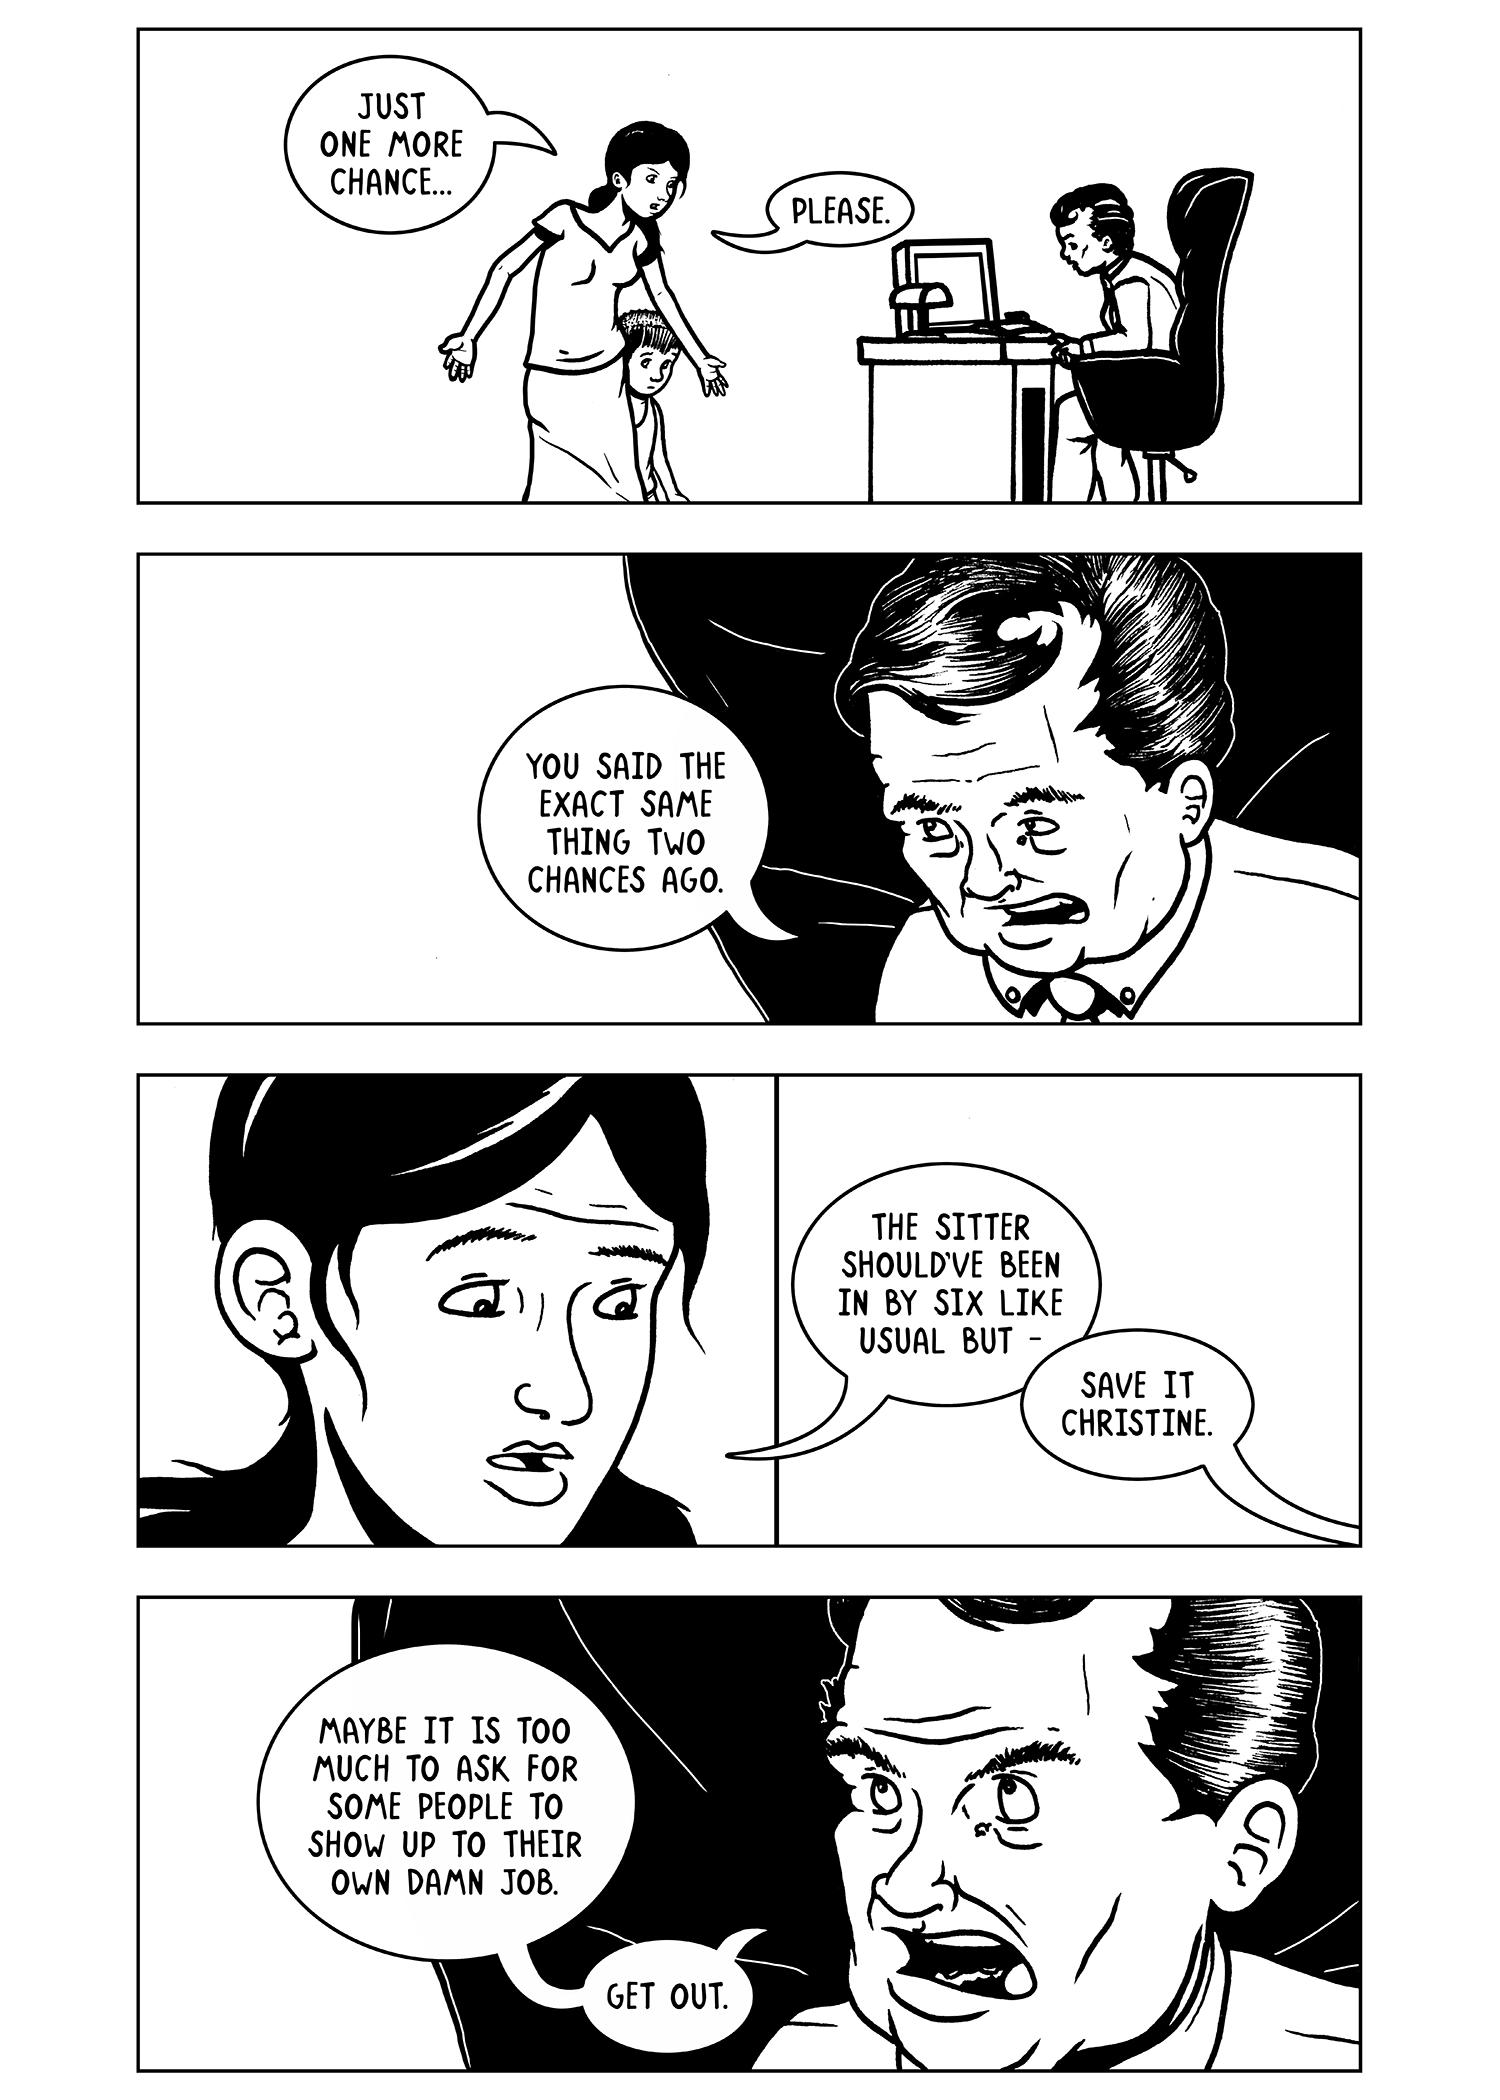 QWERTY_comic_03